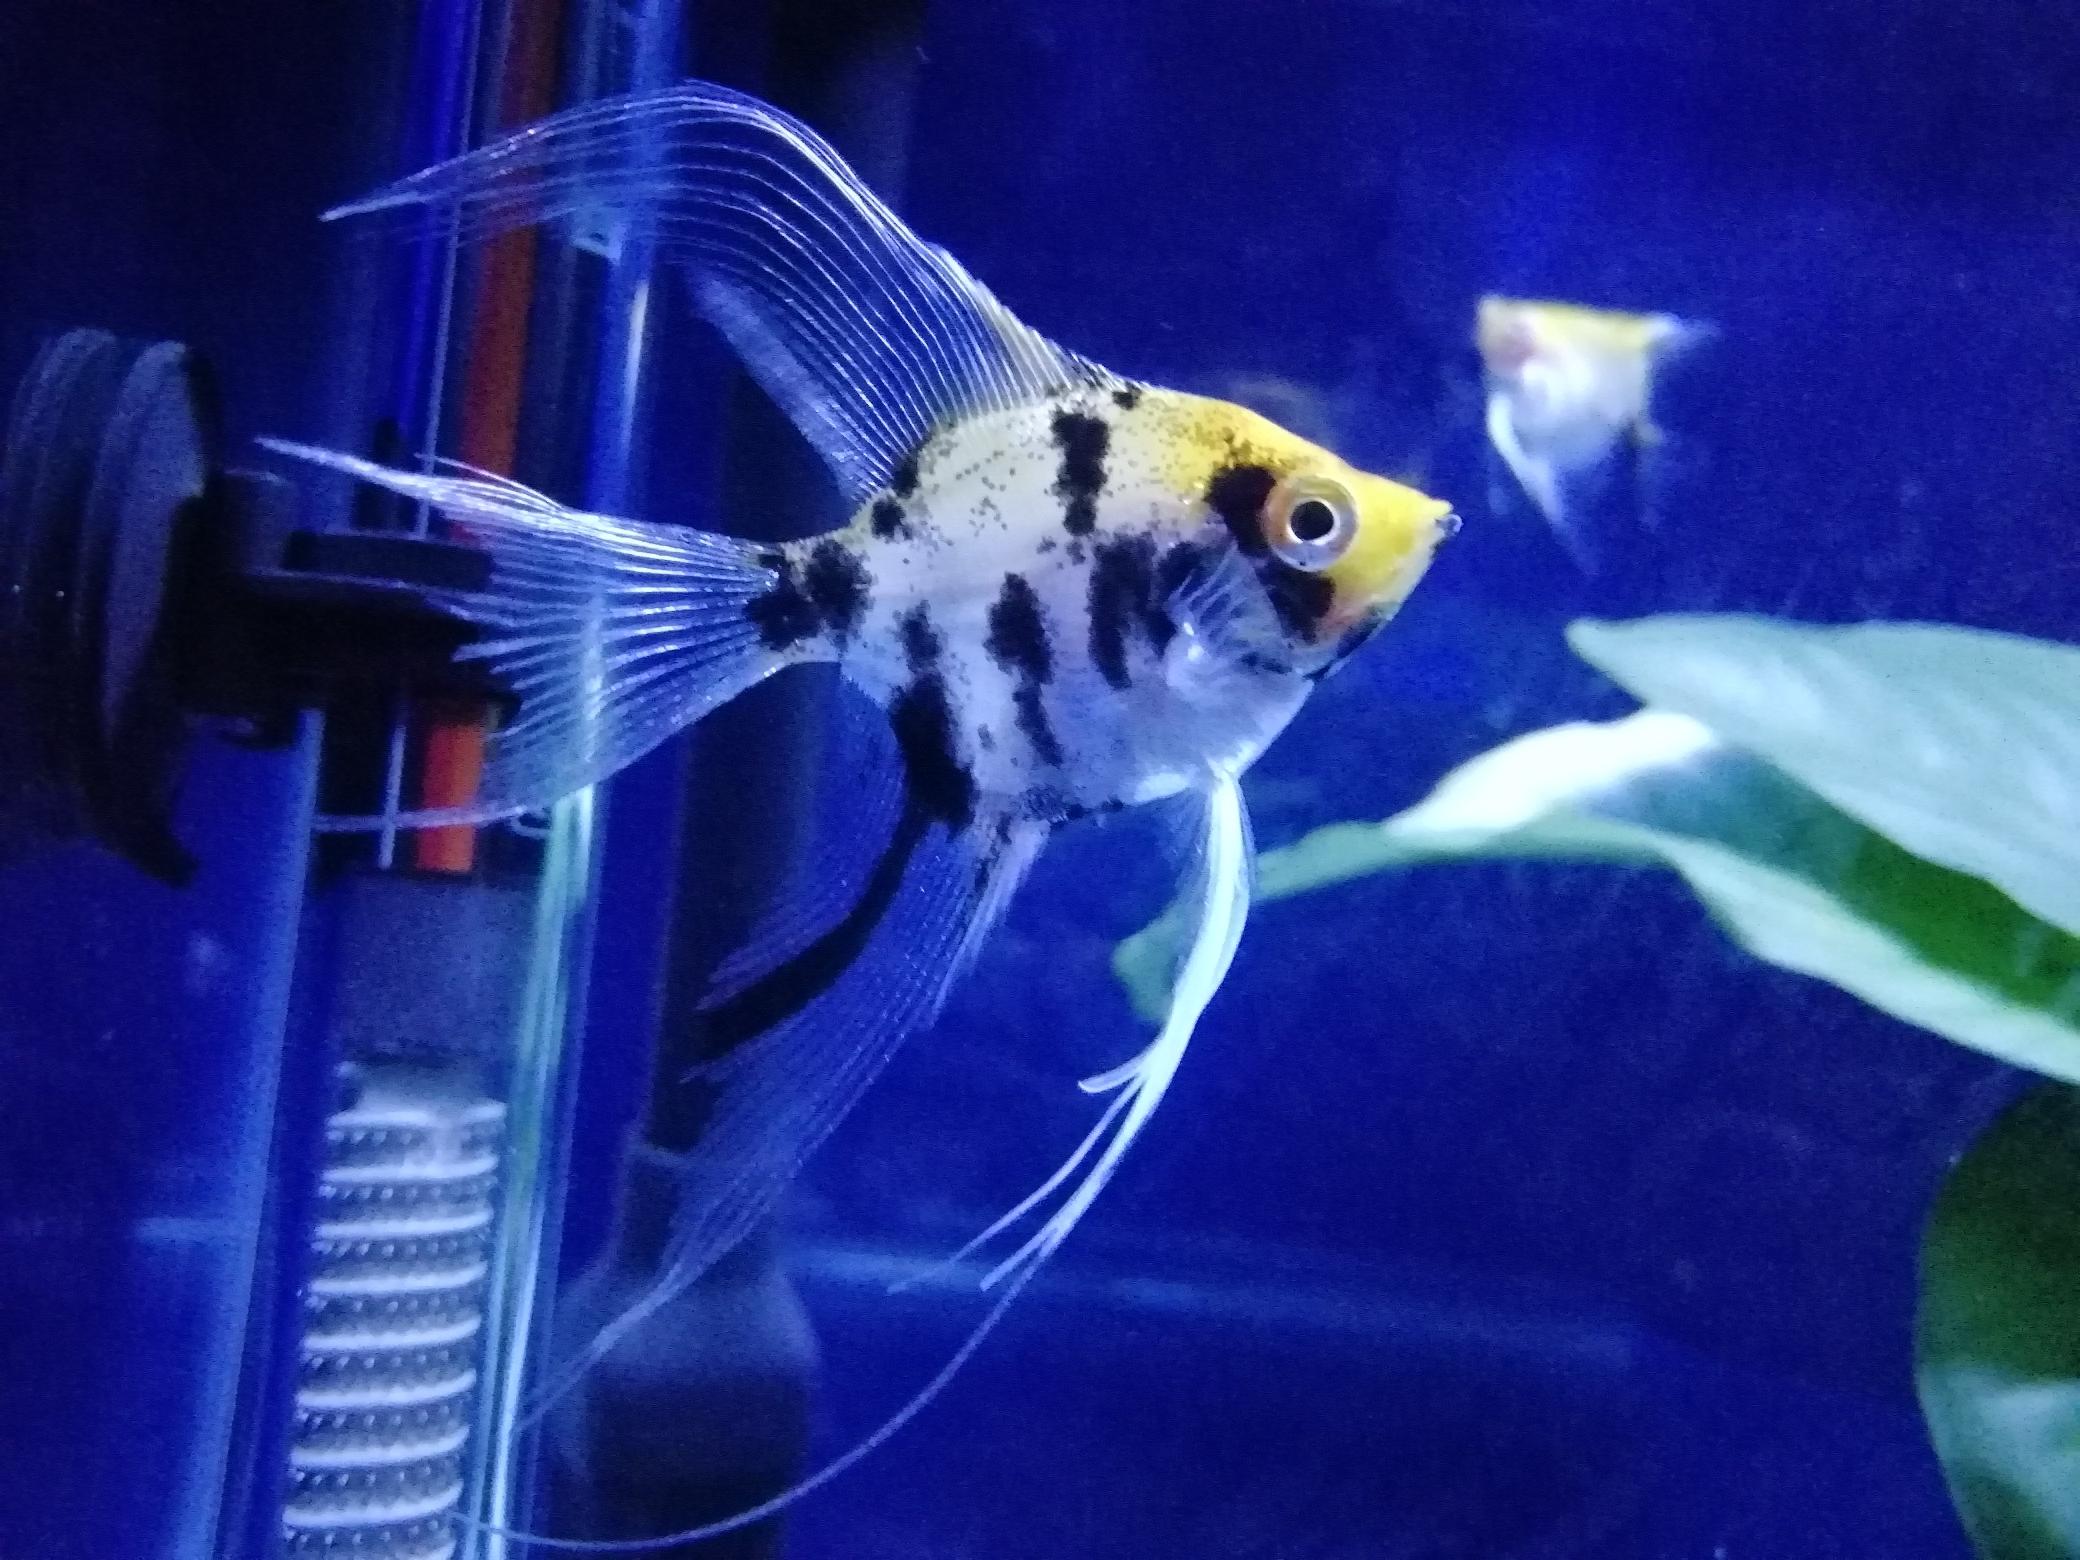 鄂州市花鸟鱼虫市场欣赏爱鱼 鄂州龙鱼论坛 鄂州龙鱼第5张